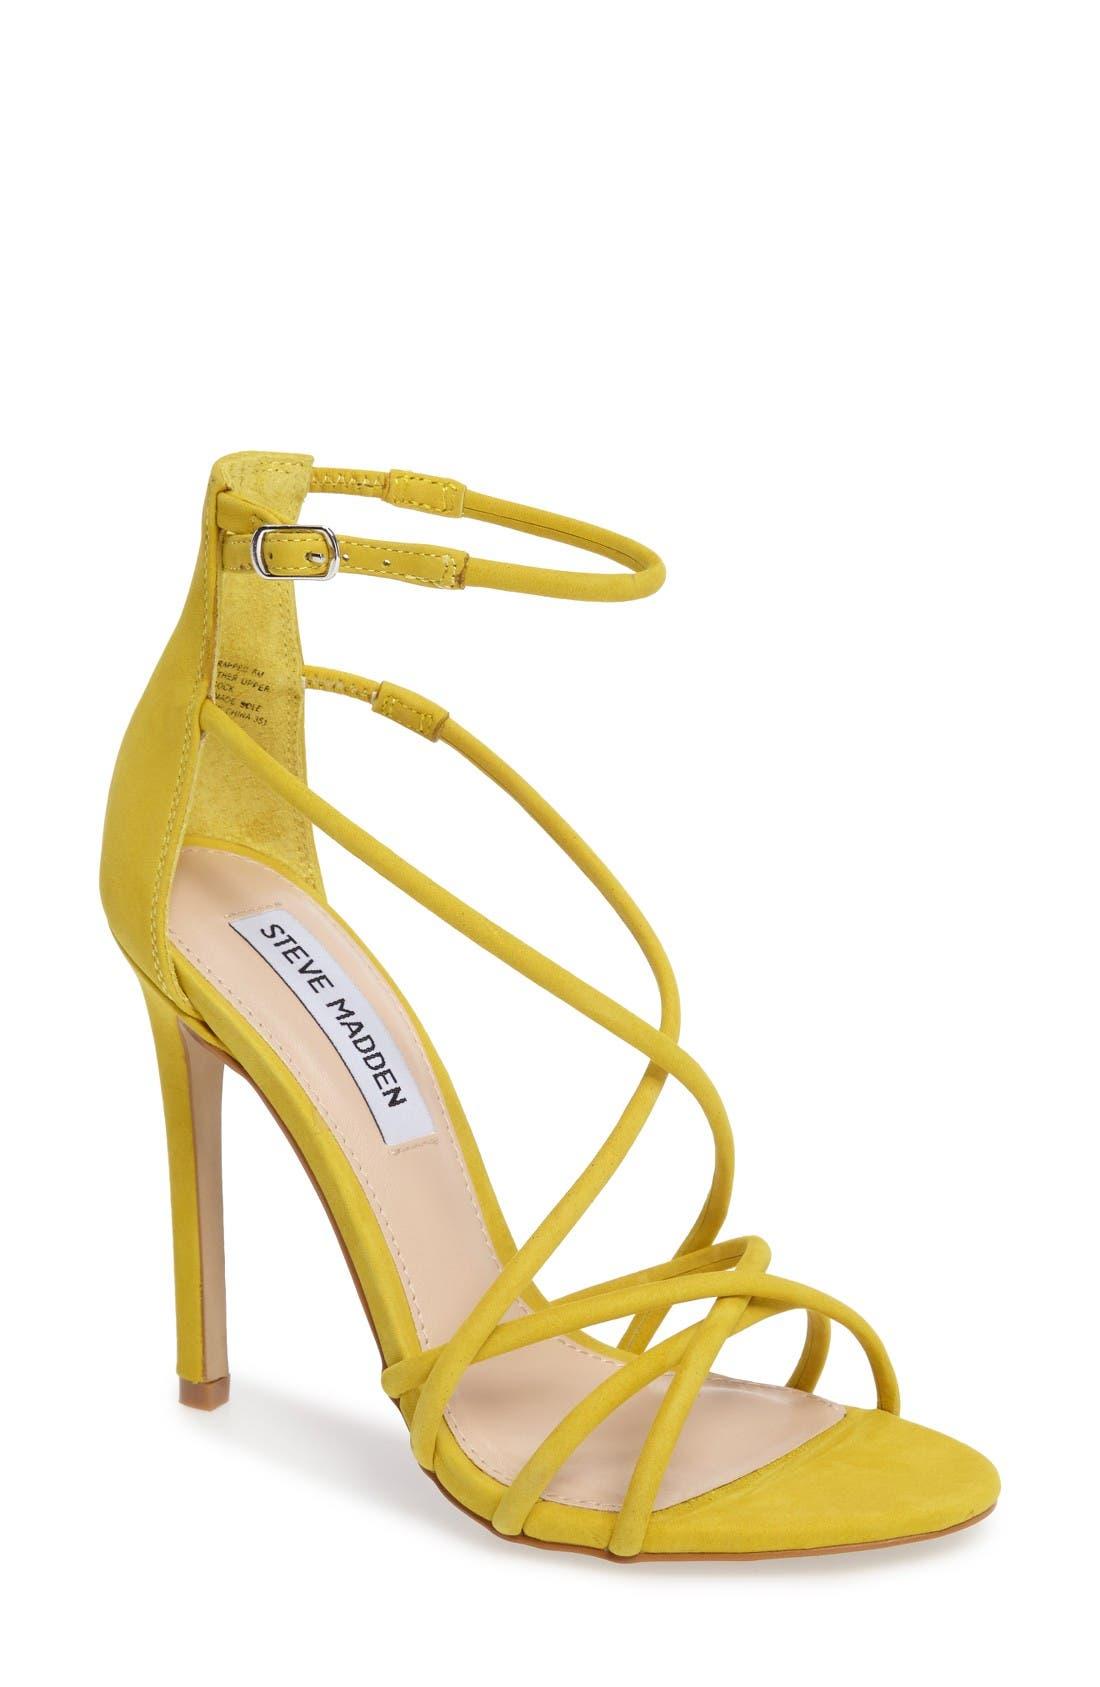 Alternate Image 1 Selected - Steve Madden Strappy Sandal (Women)